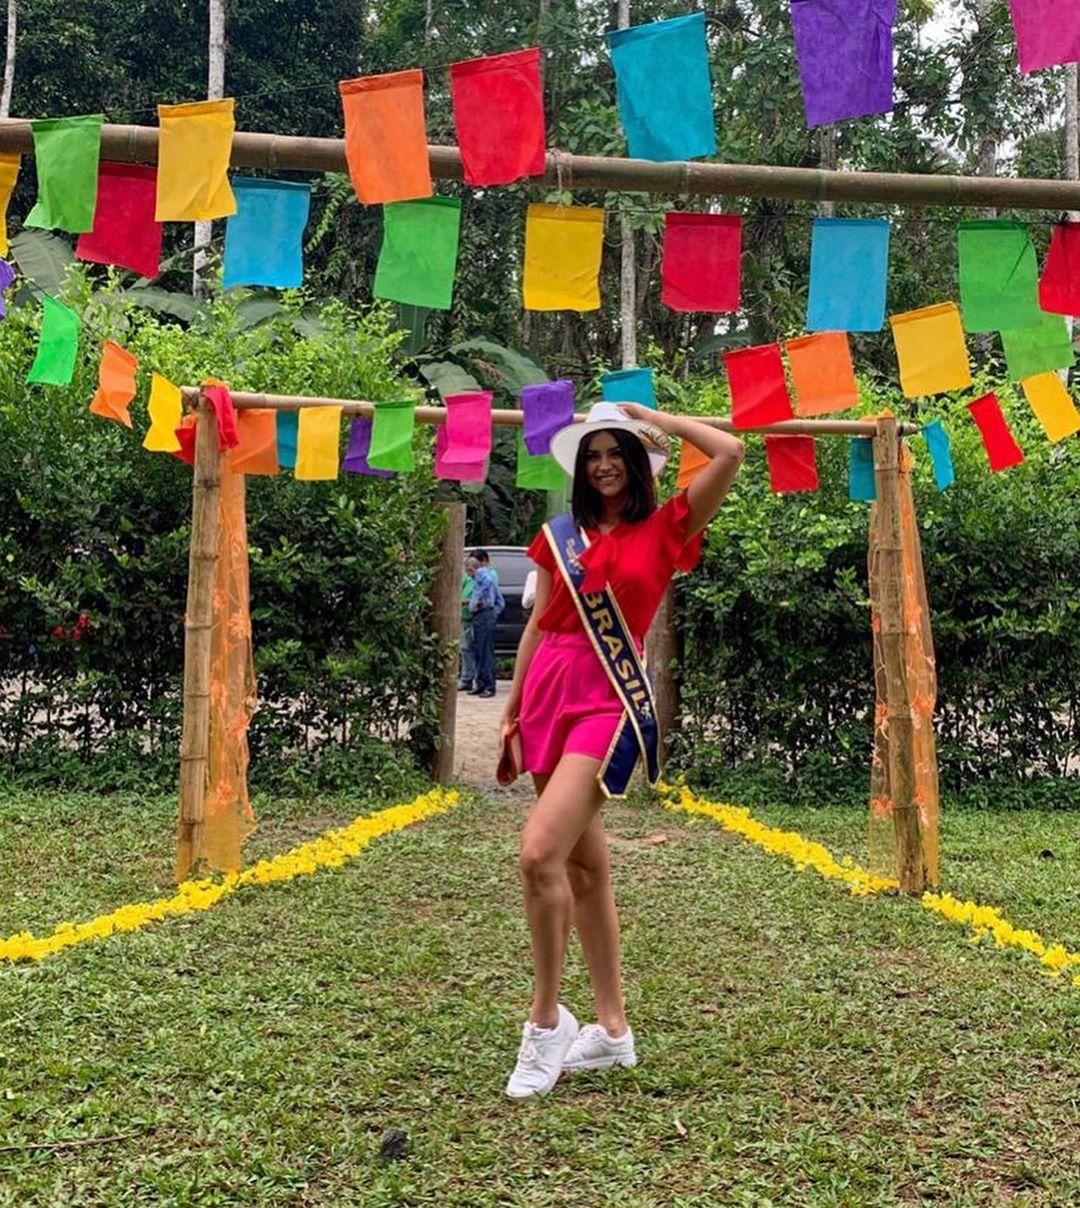 thylara brenner, miss brasil continentes unidos 2019. - Página 9 71032710